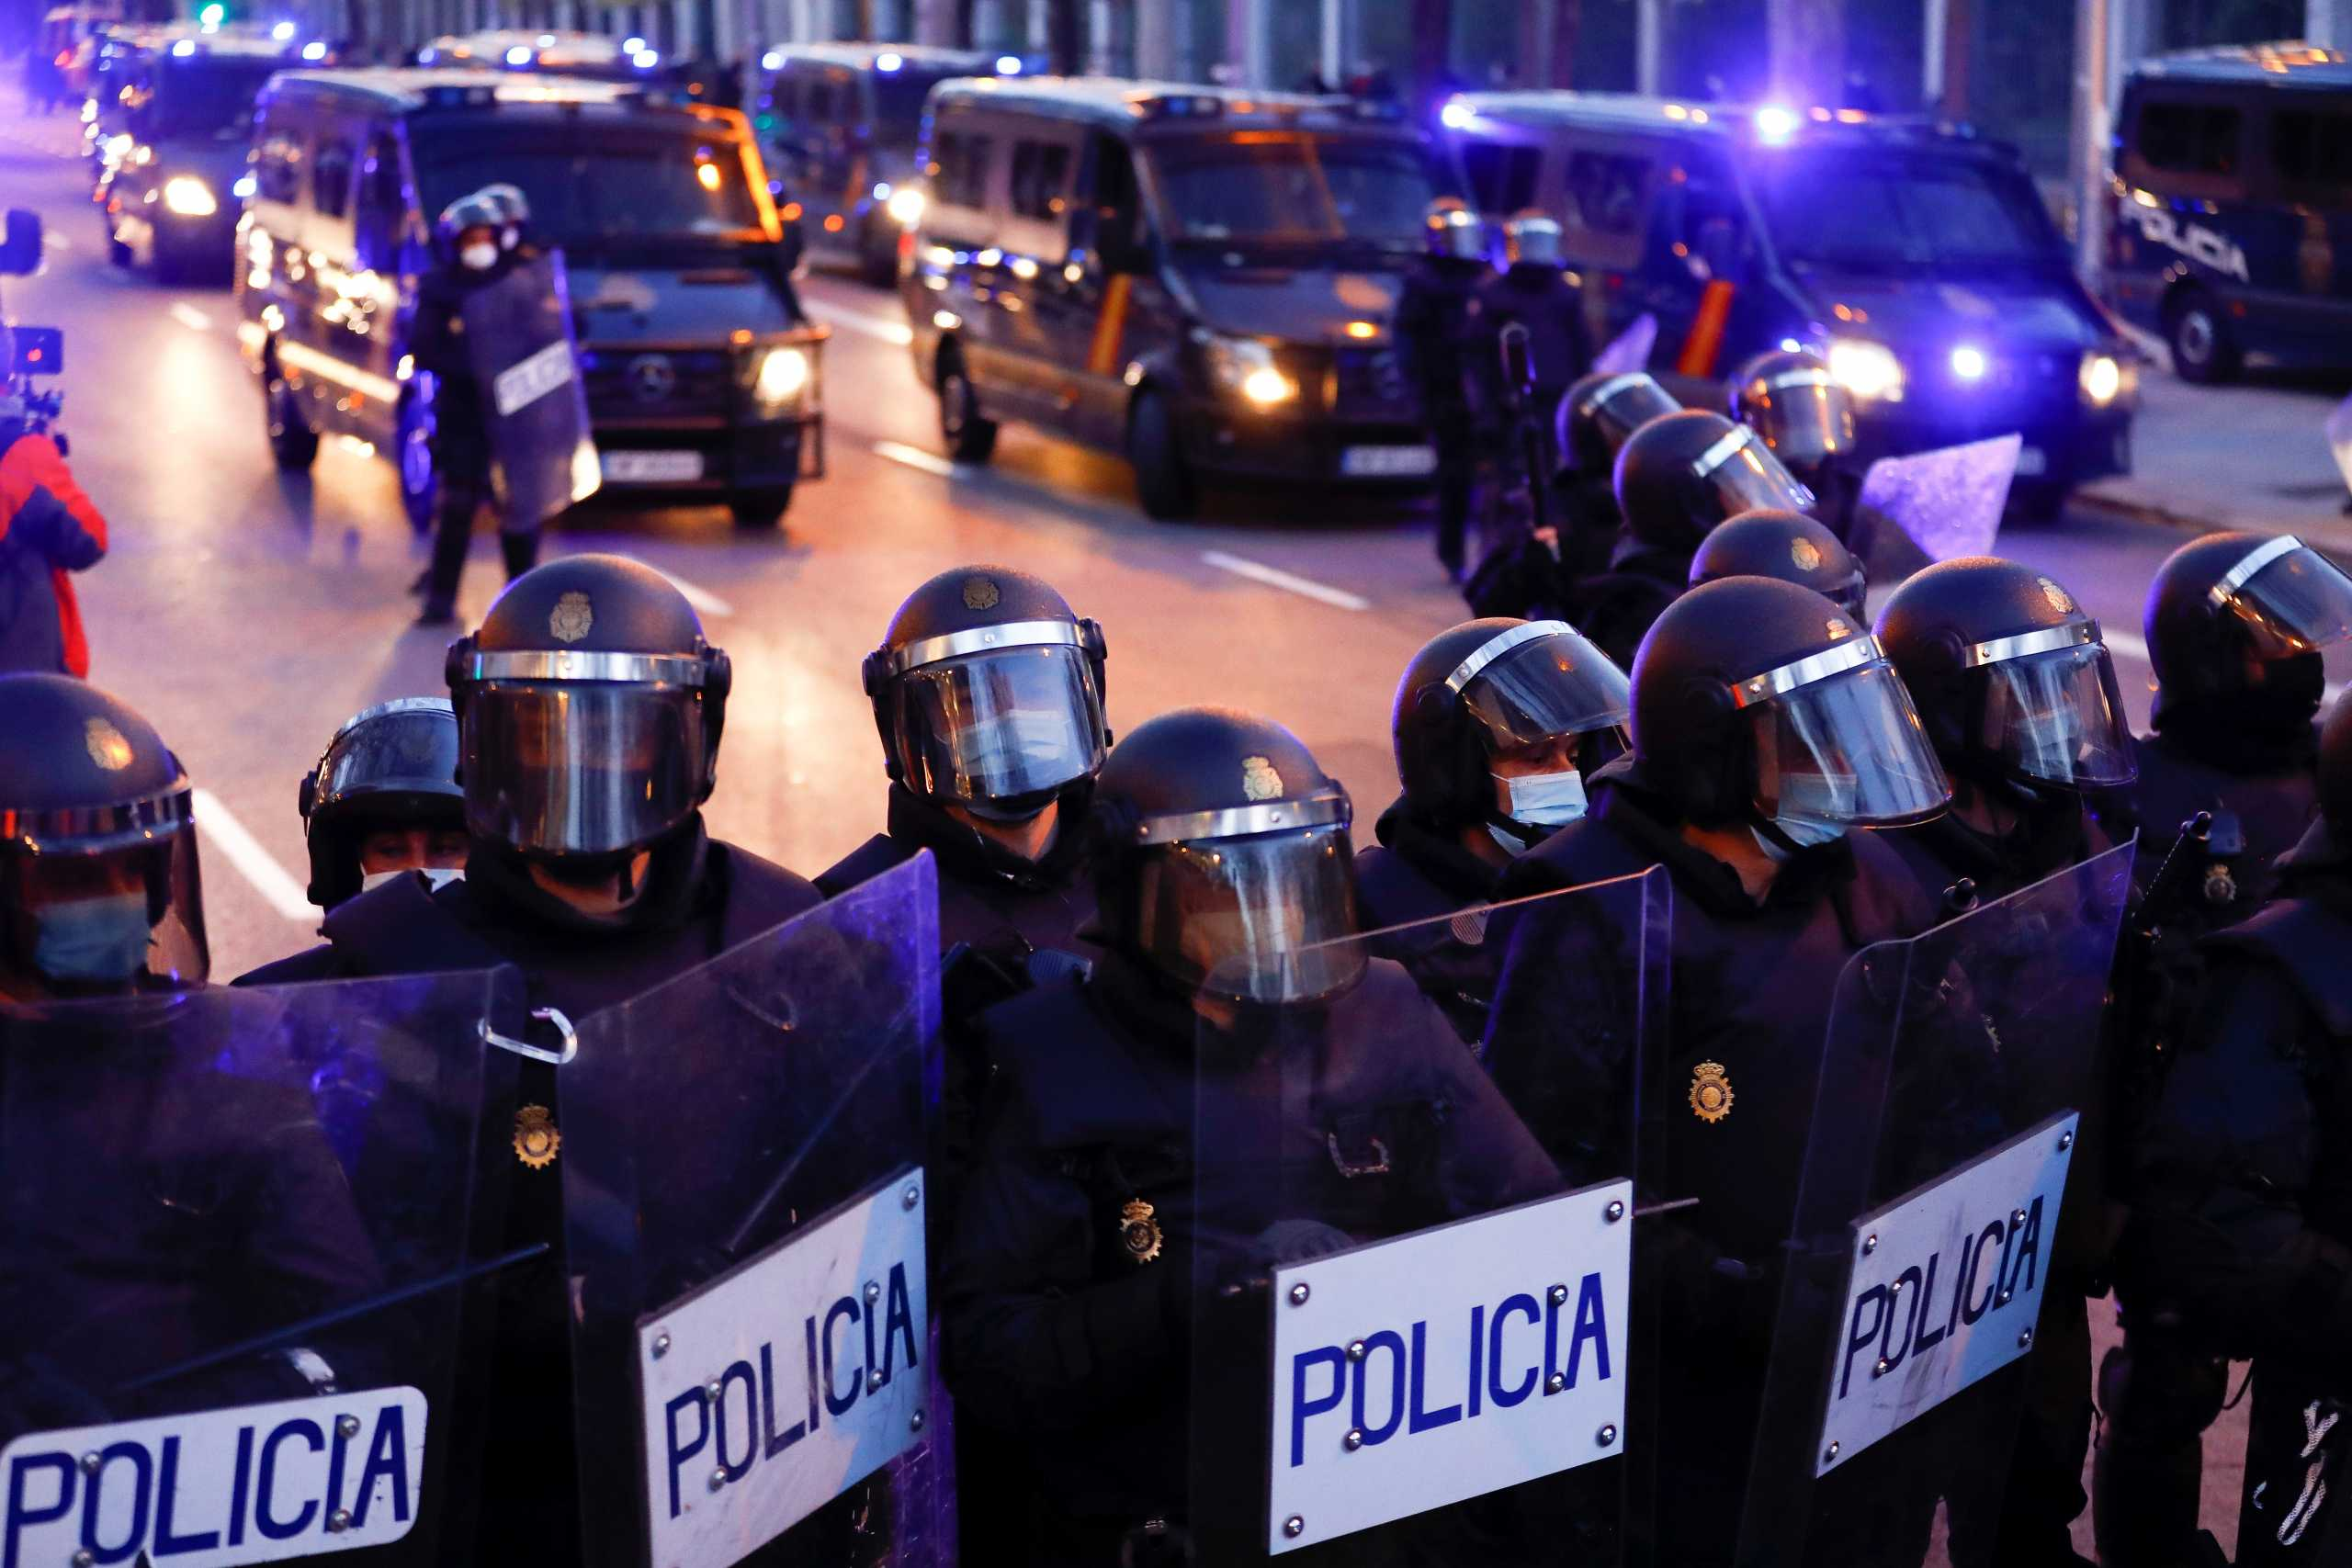 100 συλλήψεις στην Ισπανία για μεγάλο κύκλωμα ναρκωτικών – 5 τόνοι χασίς κατασχέθηκαν